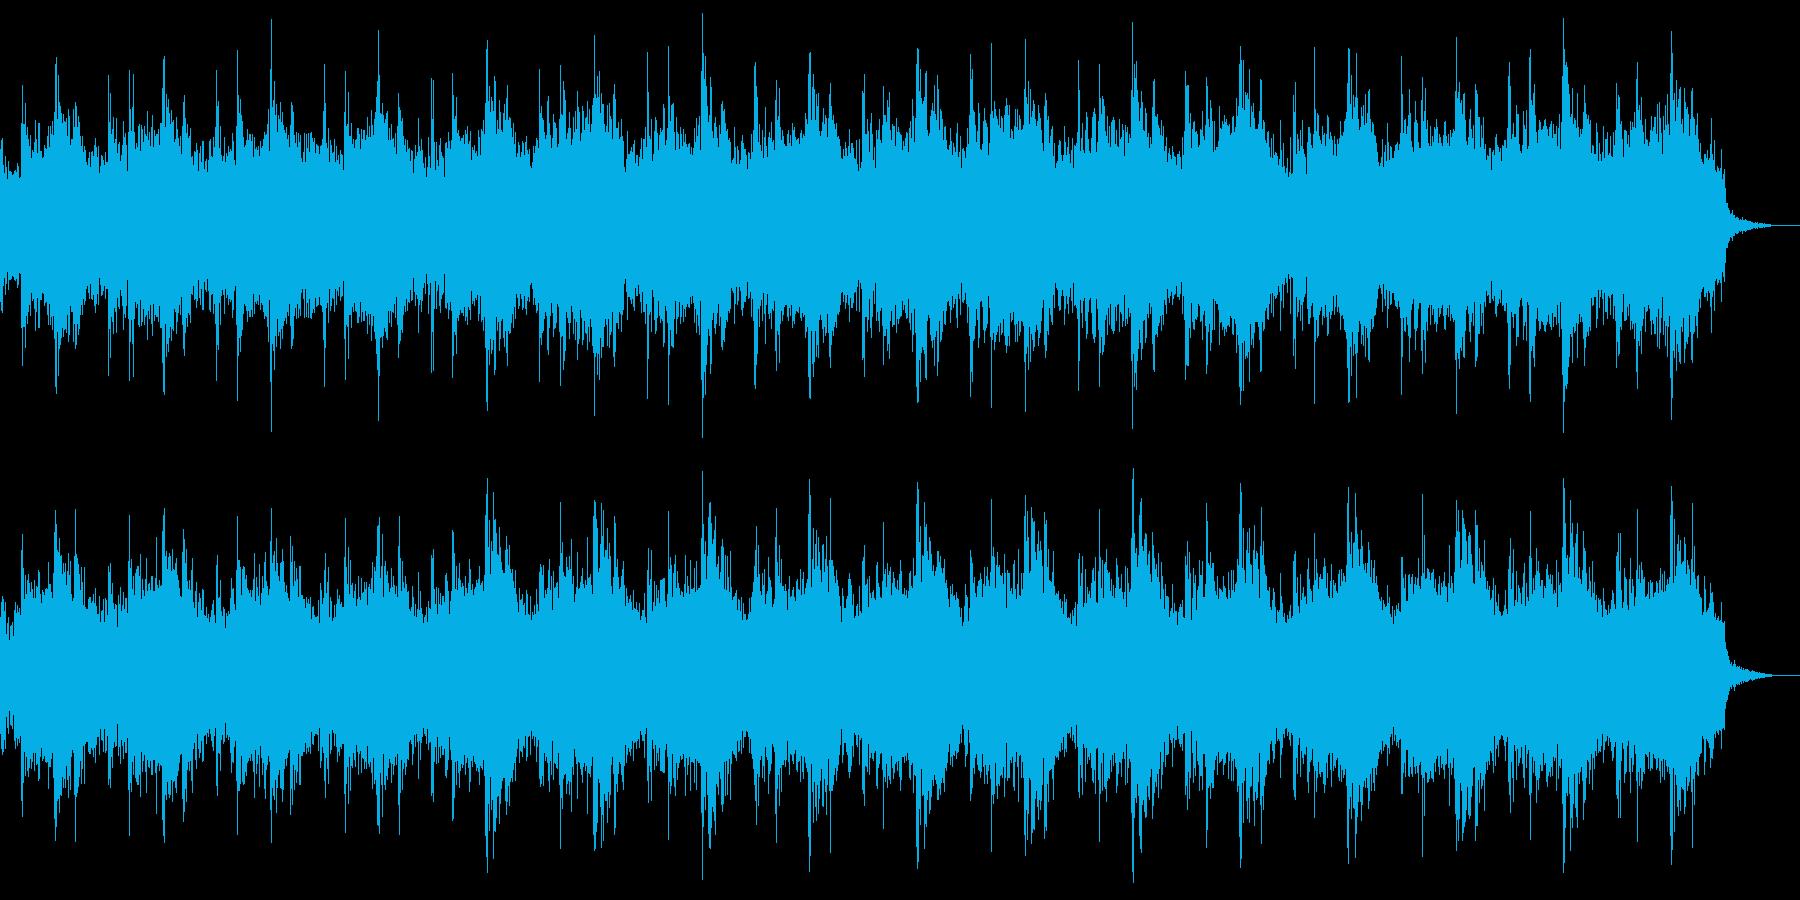 悲しく重い雰囲気のストリングスの再生済みの波形